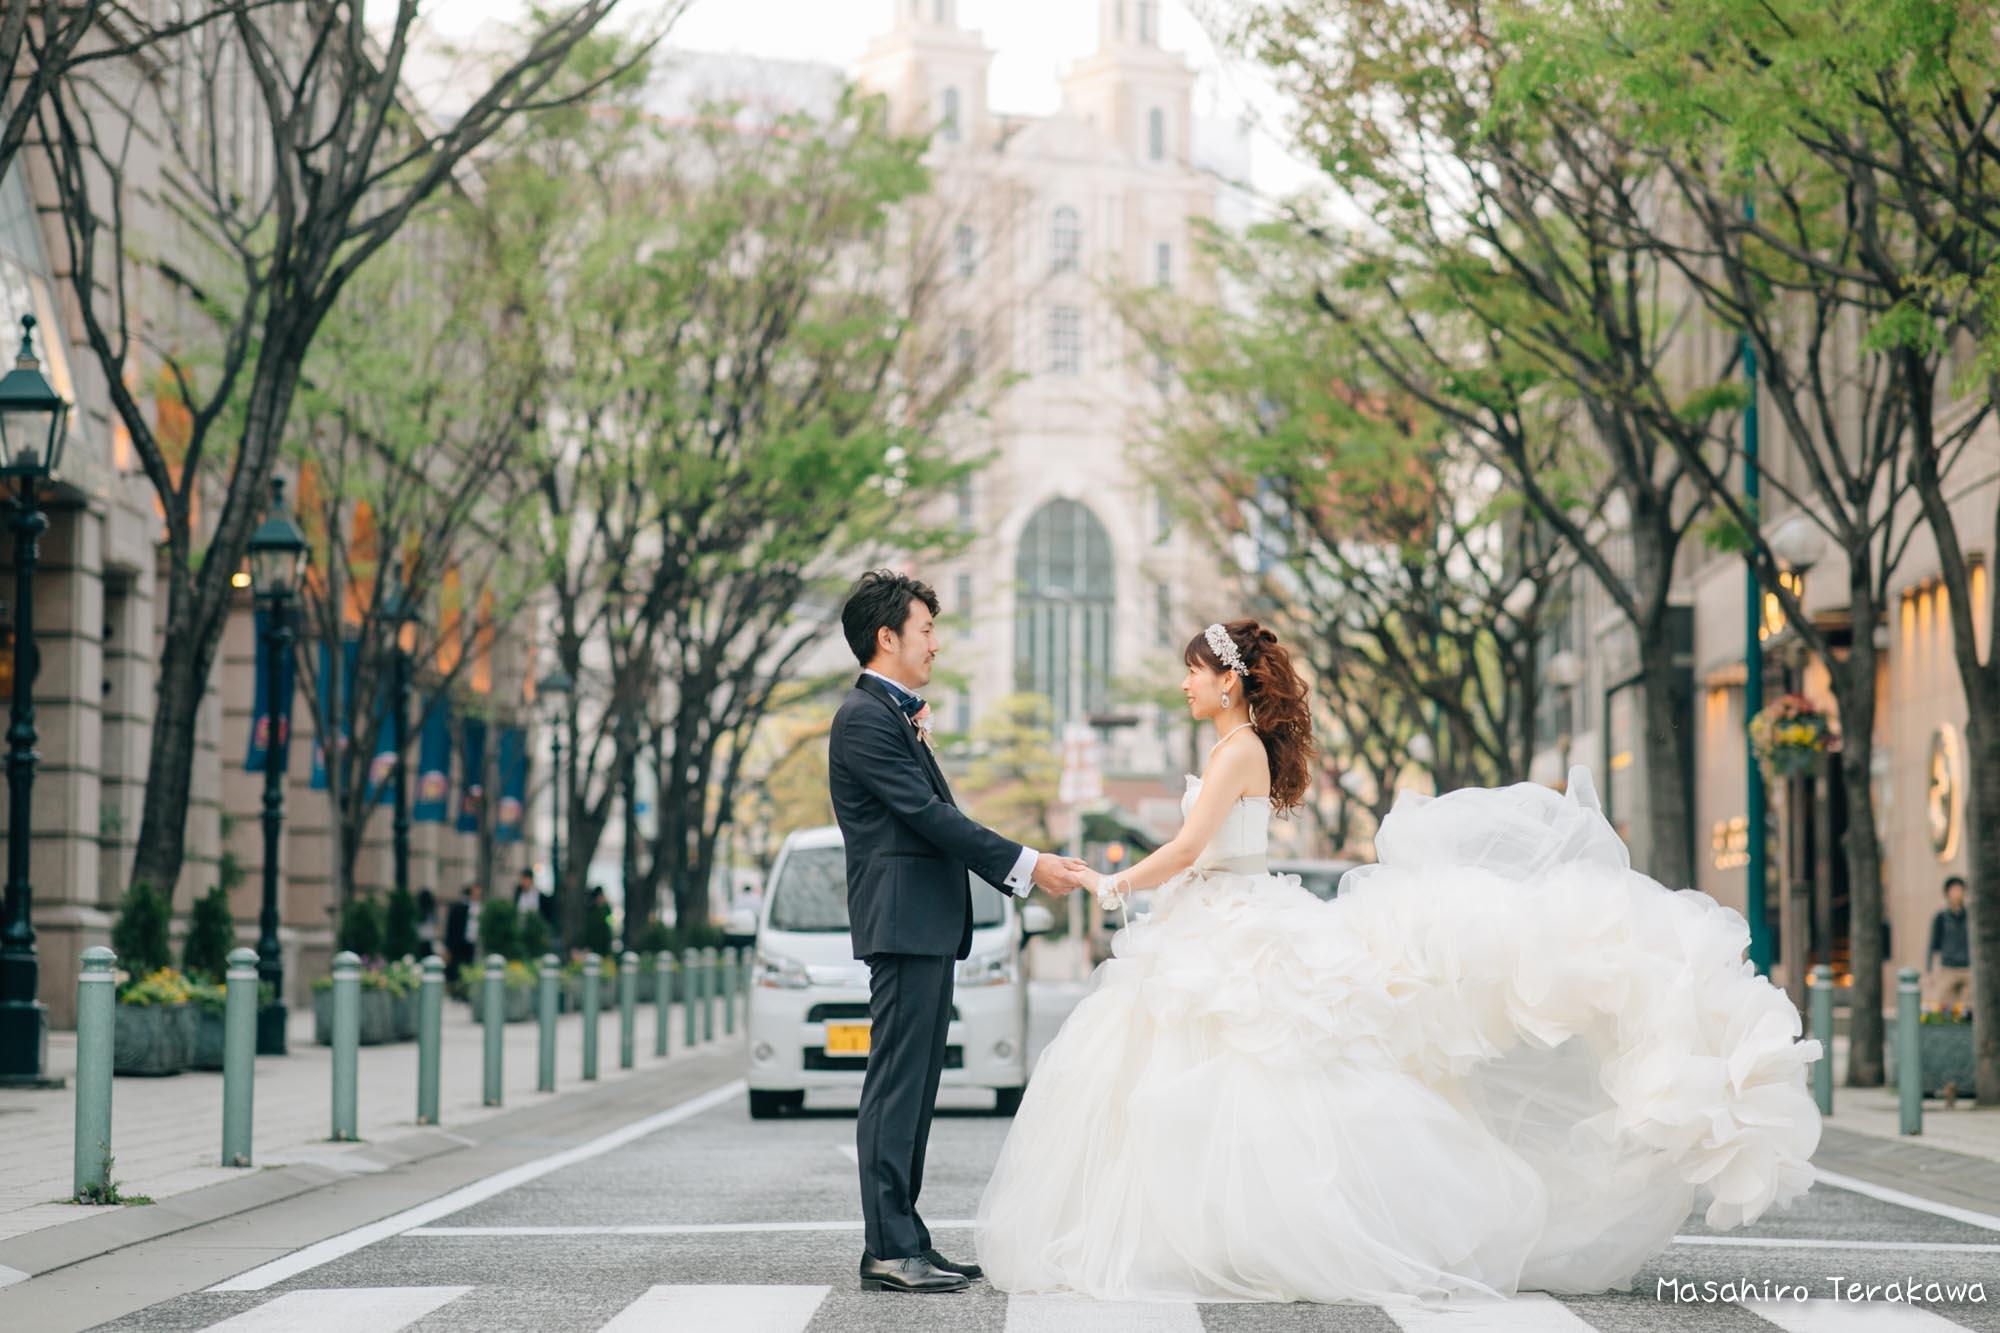 トリートドレッシングのウェディングドレスで結婚式前撮り12